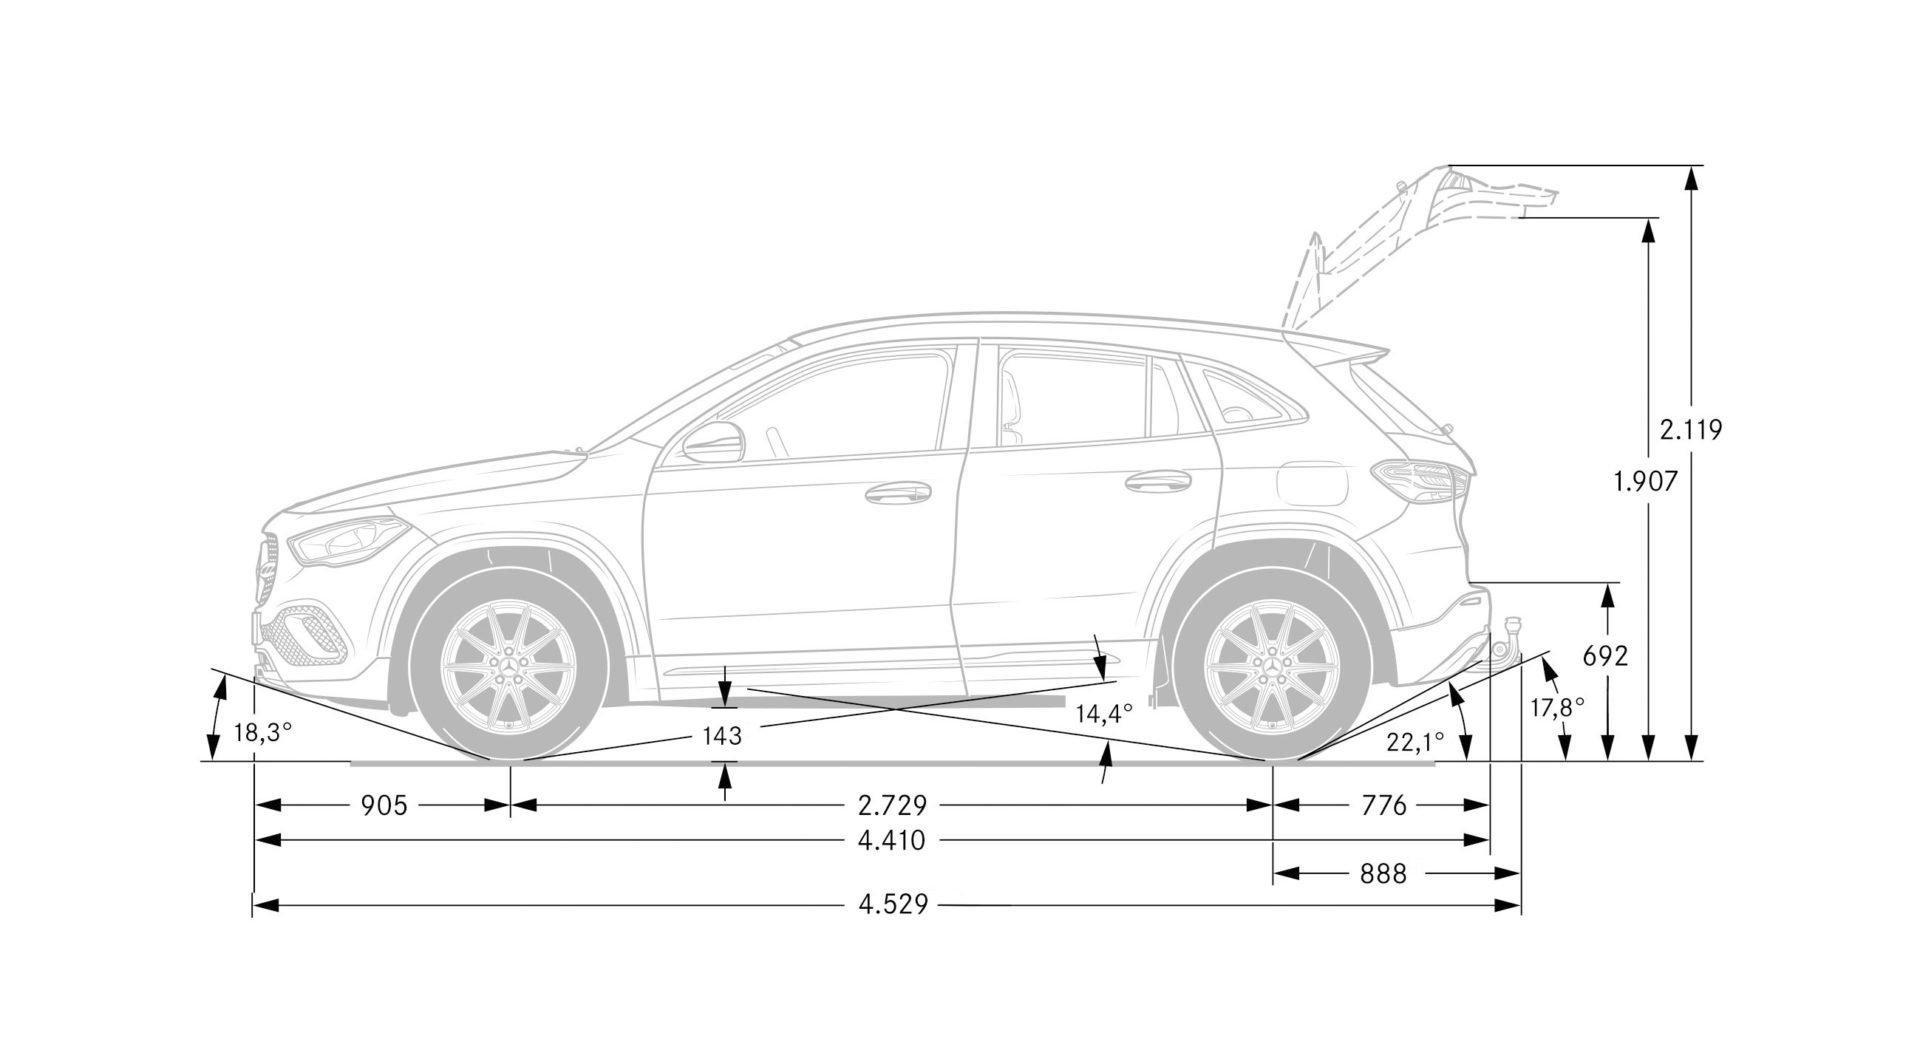 dimensioni massime della Mercedes GLA